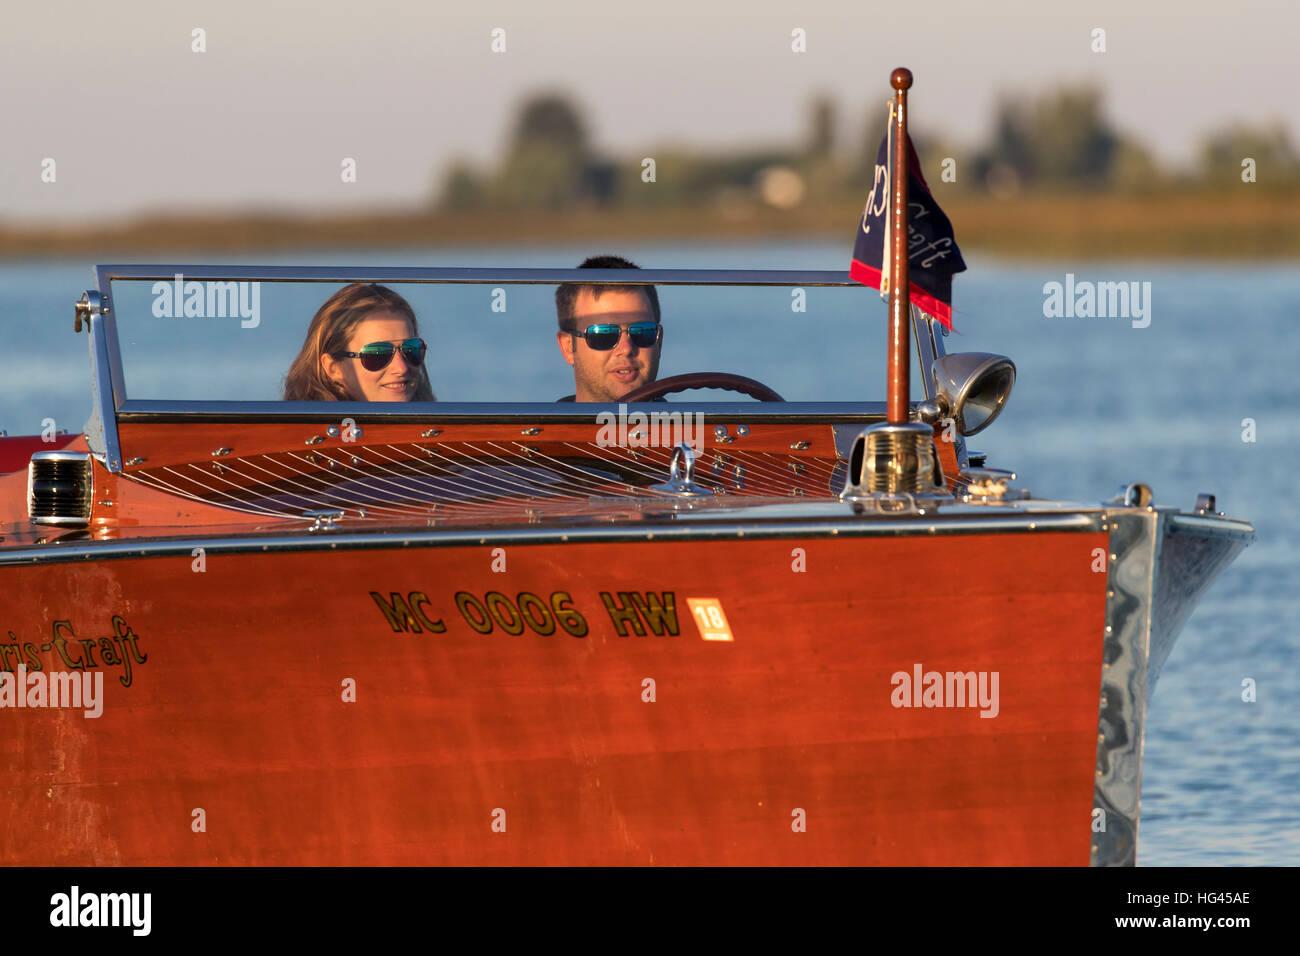 Una giovane coppia di azionamento di un antico, barca di legno. Foto Stock